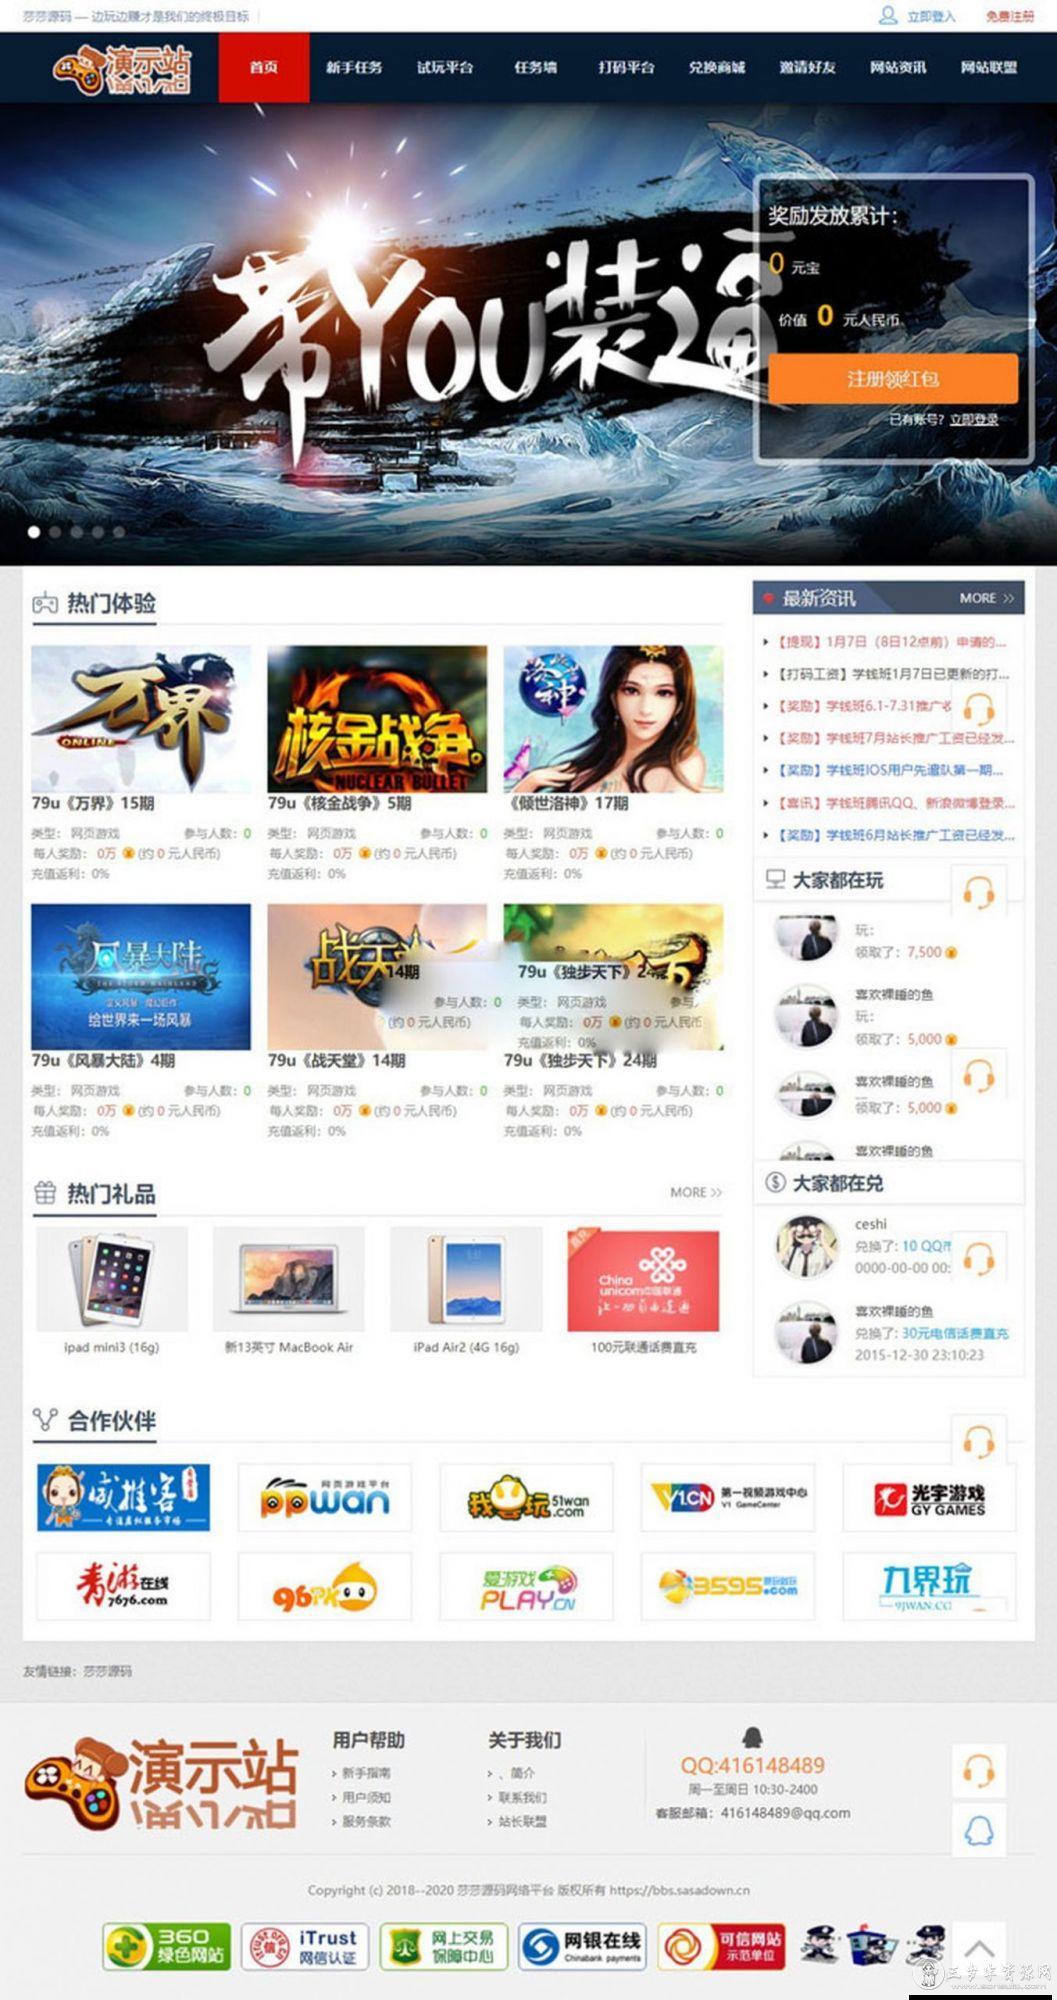 免费游戏试玩站打码赚钱平台系统可运营的广告任务网源码